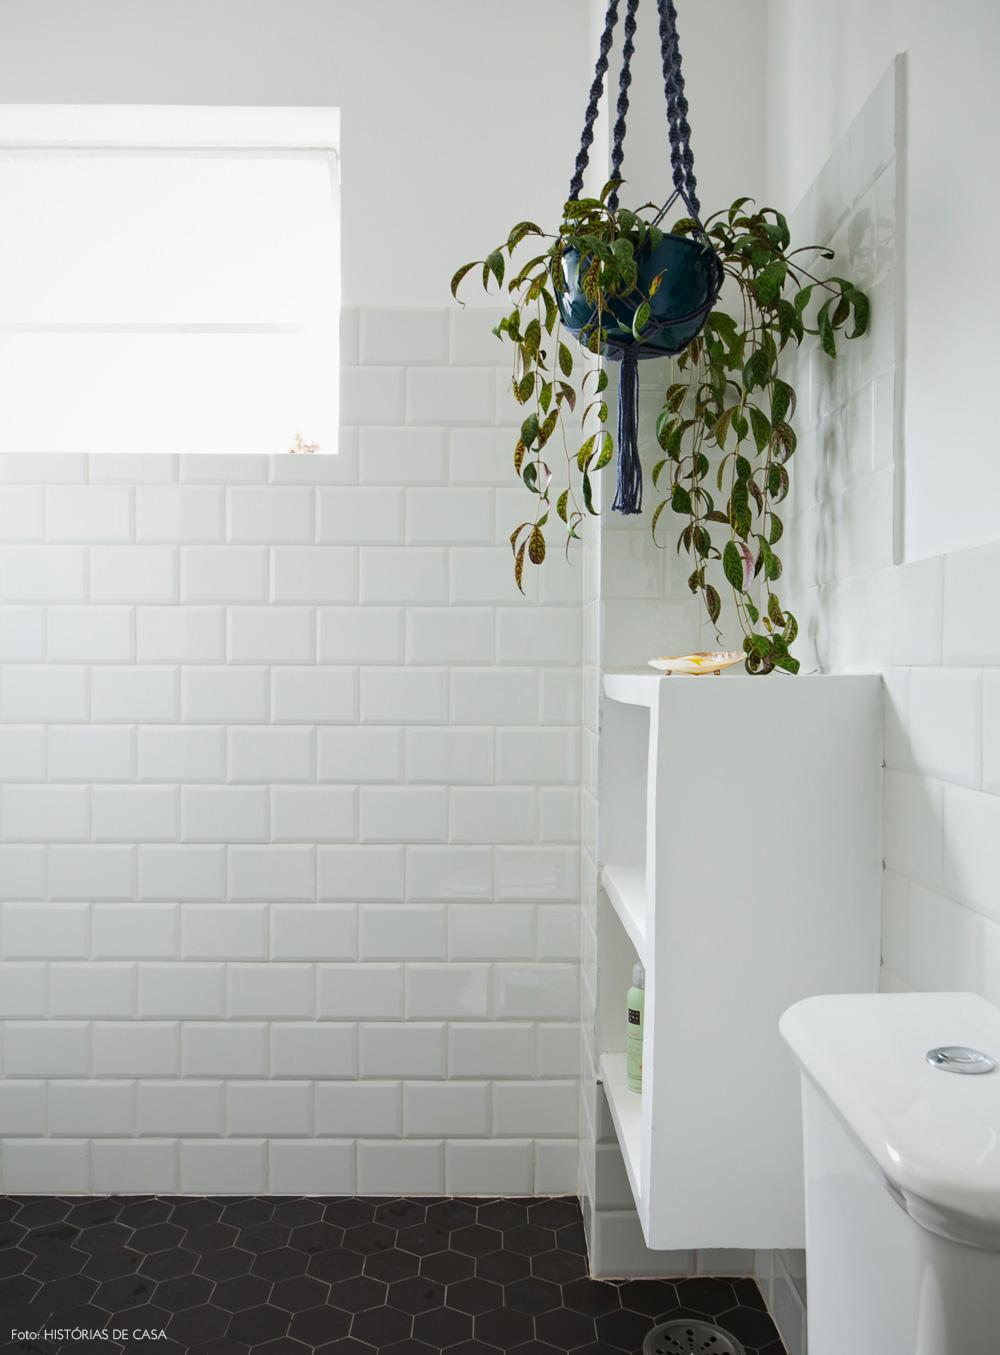 39-decoracao-banheiro-subway-tiles-piso-hexagonal-macrame-plantas